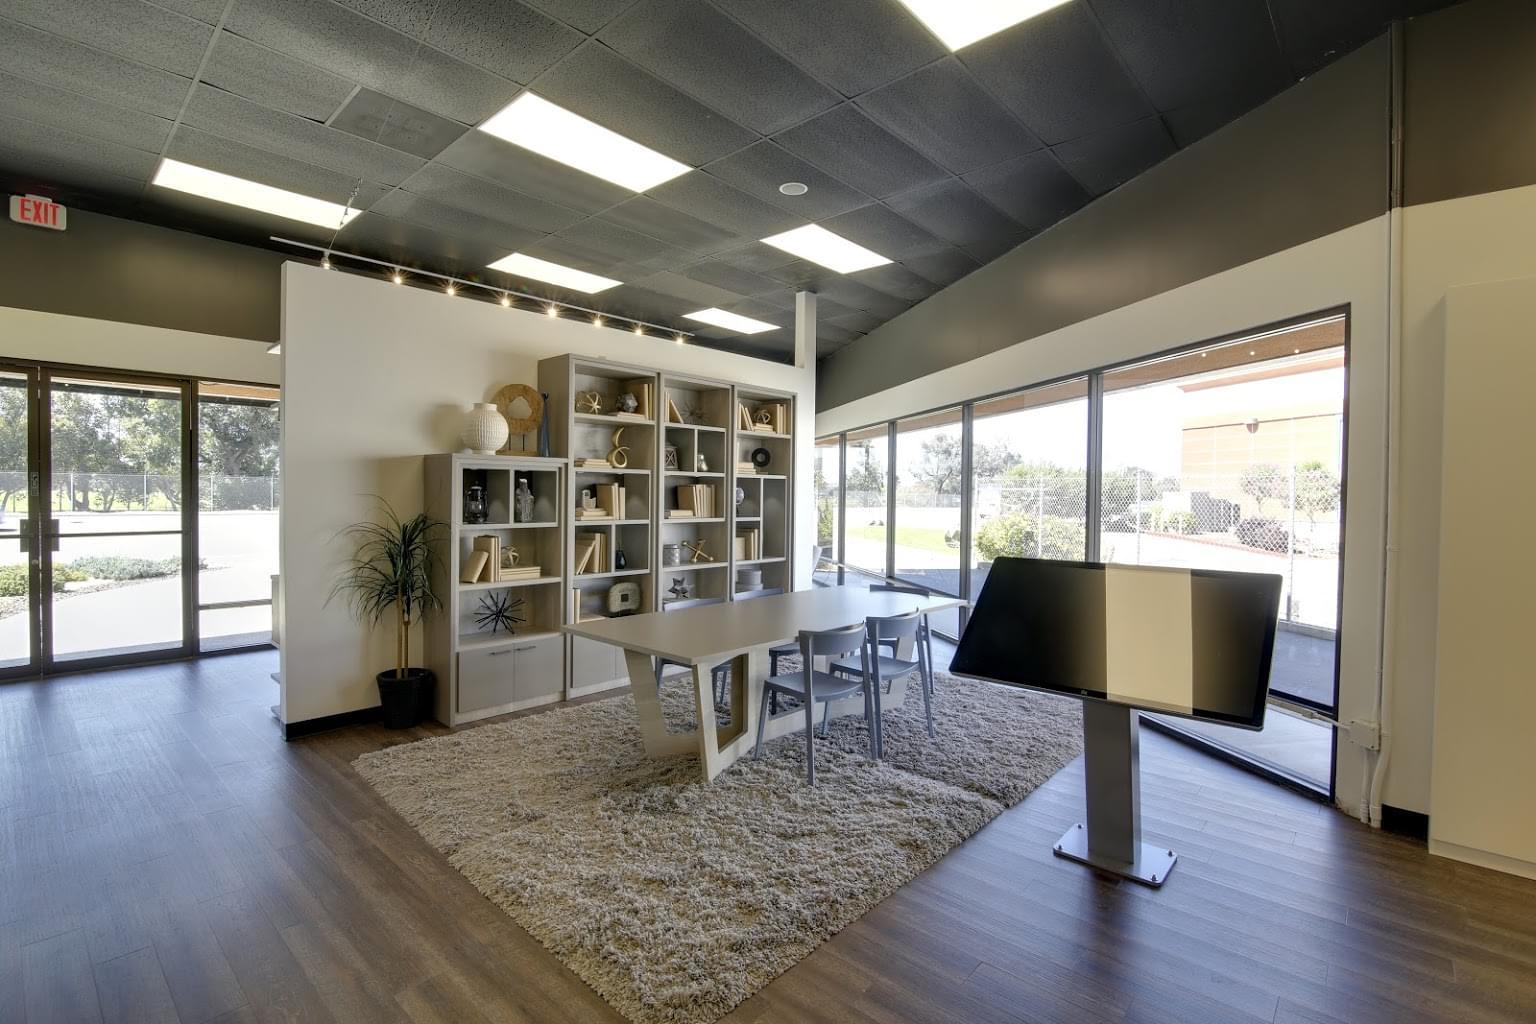 California Closets Interior Designer in San Diego, CA